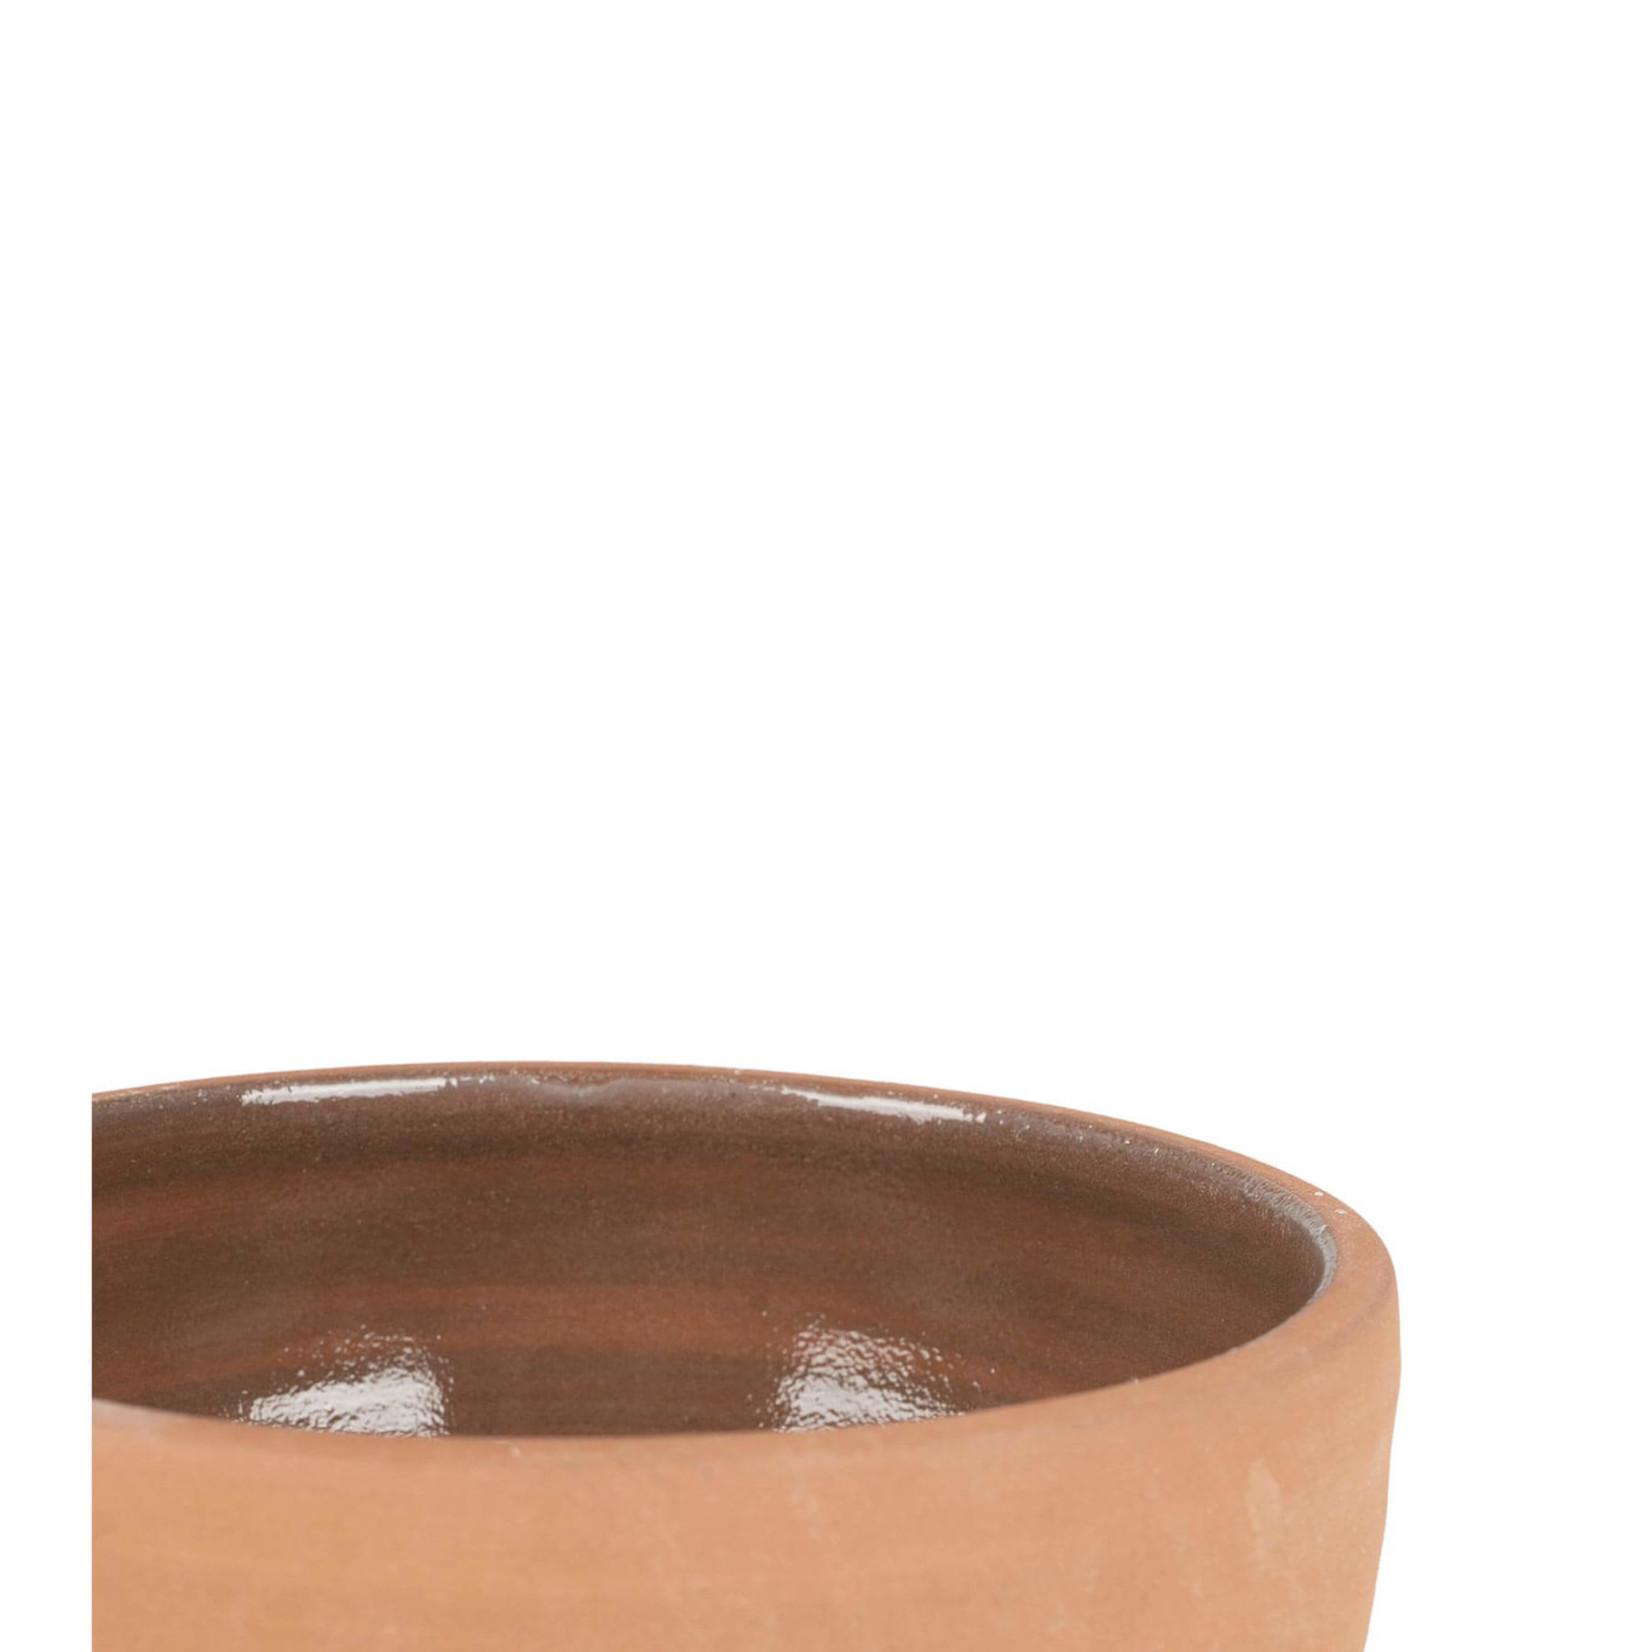 Bloempot terracotta M - Zusss